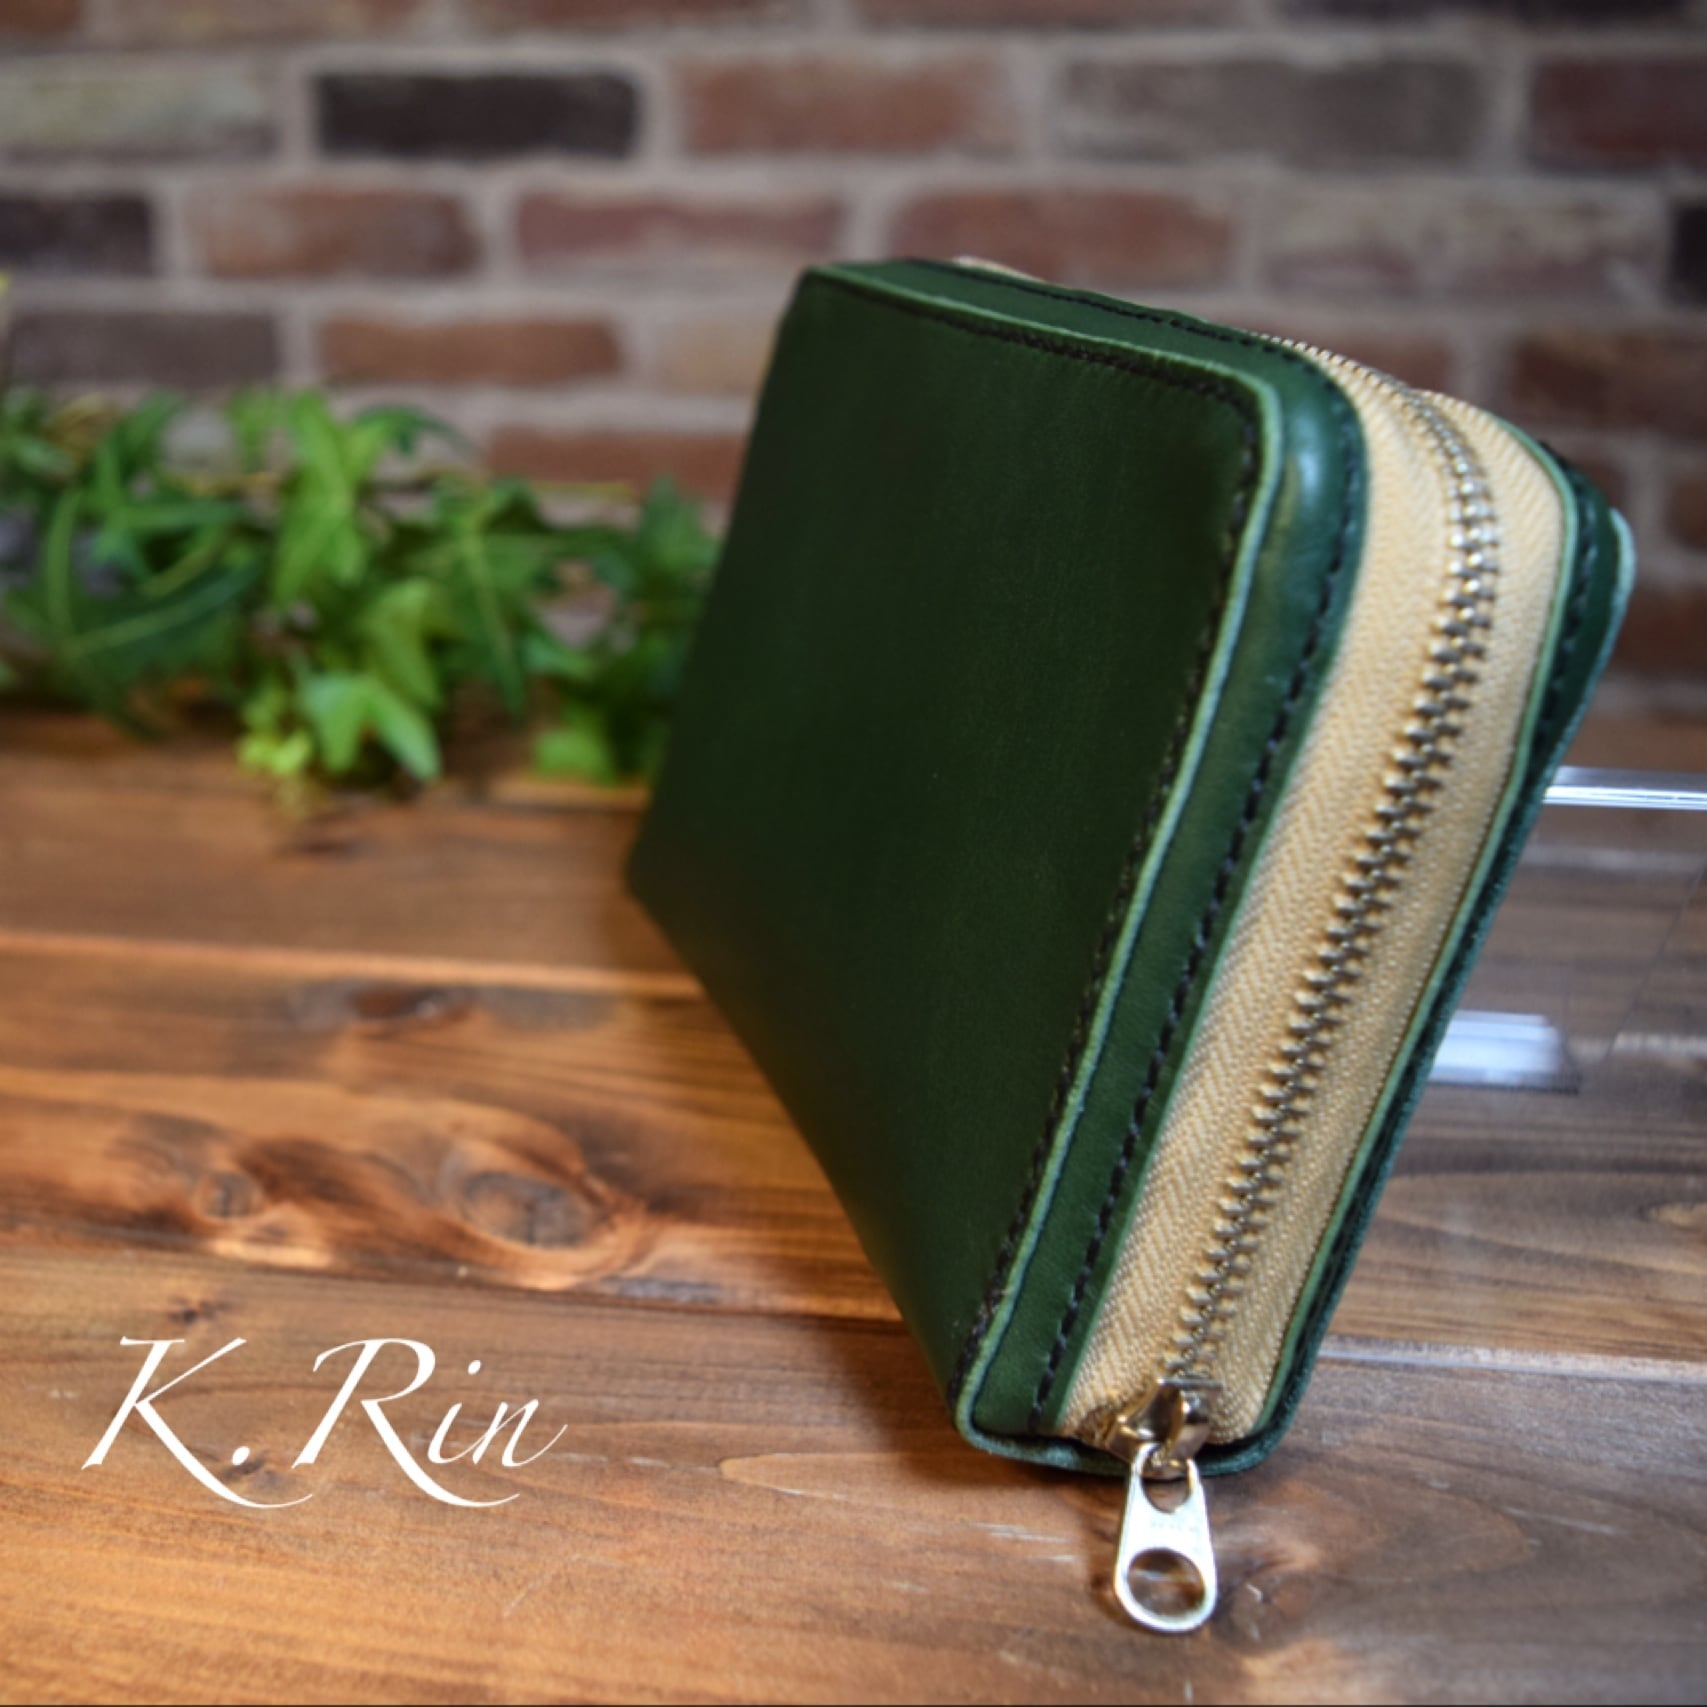 【オーダーメイド制作例】ラウンドファスナーの聖書ケース(ブックカバー)  (KA186c2)